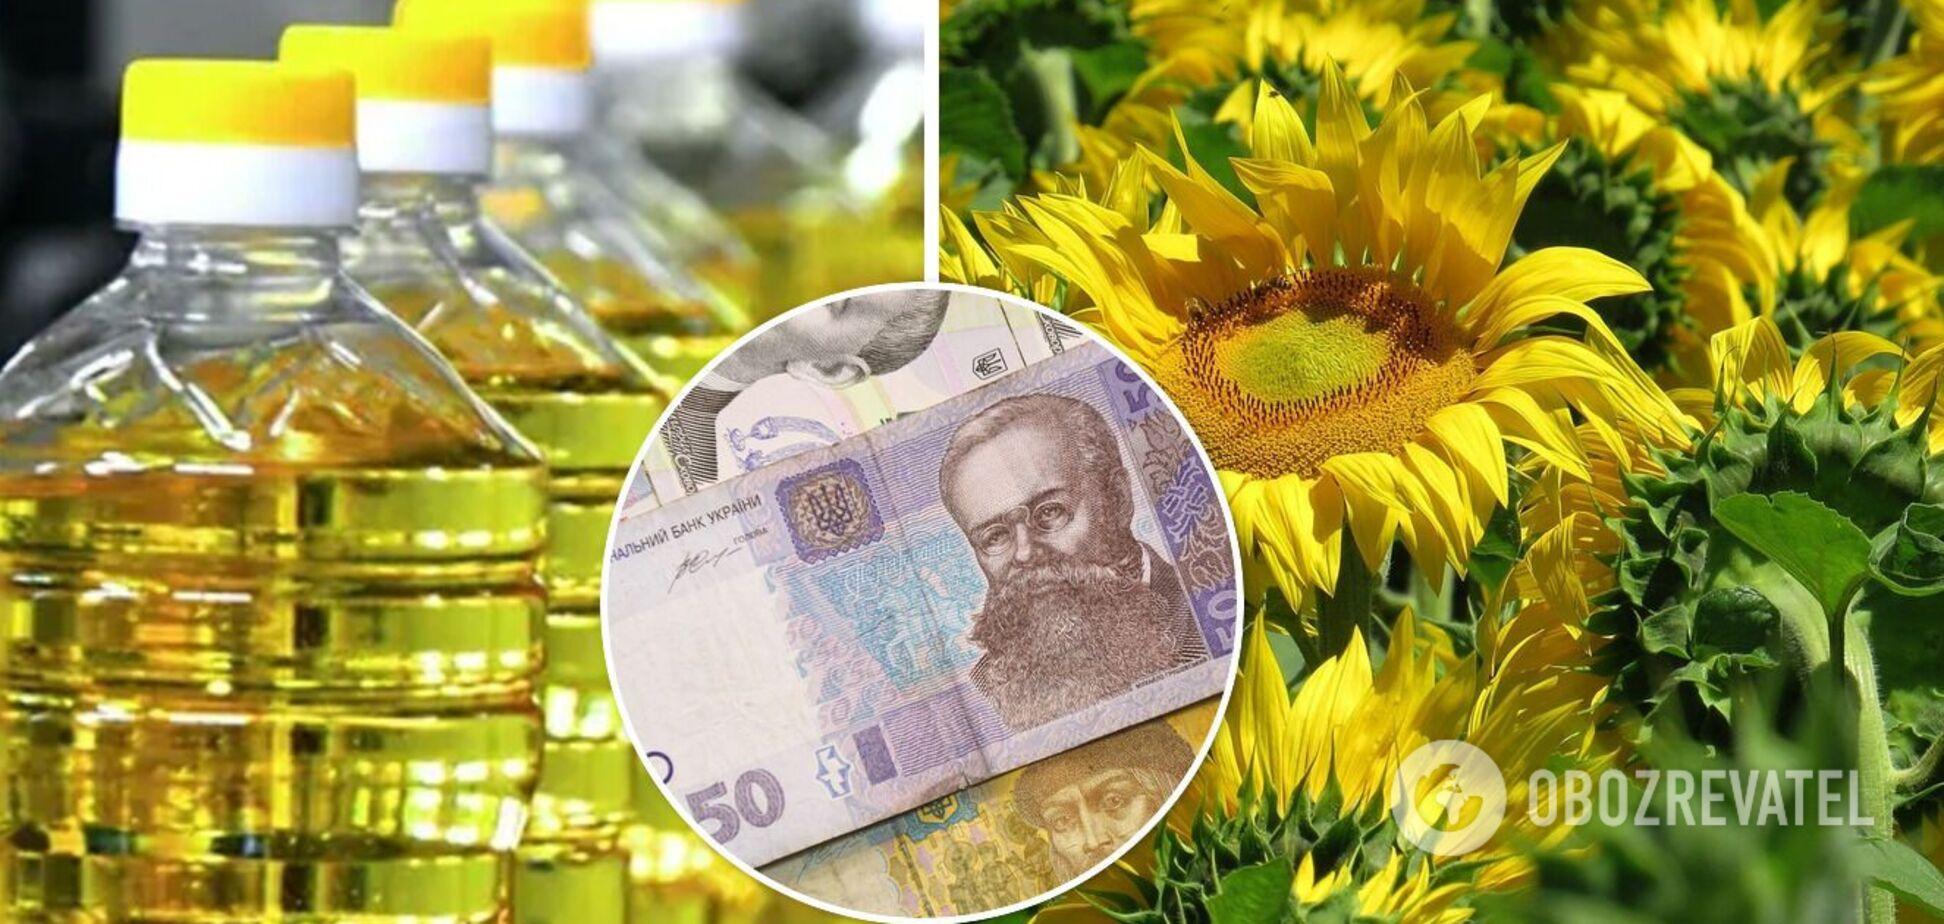 Чи варто очікувати здешевлення соняшникової олії до кінця 2021-го: в Україні дефіцит соняшнику